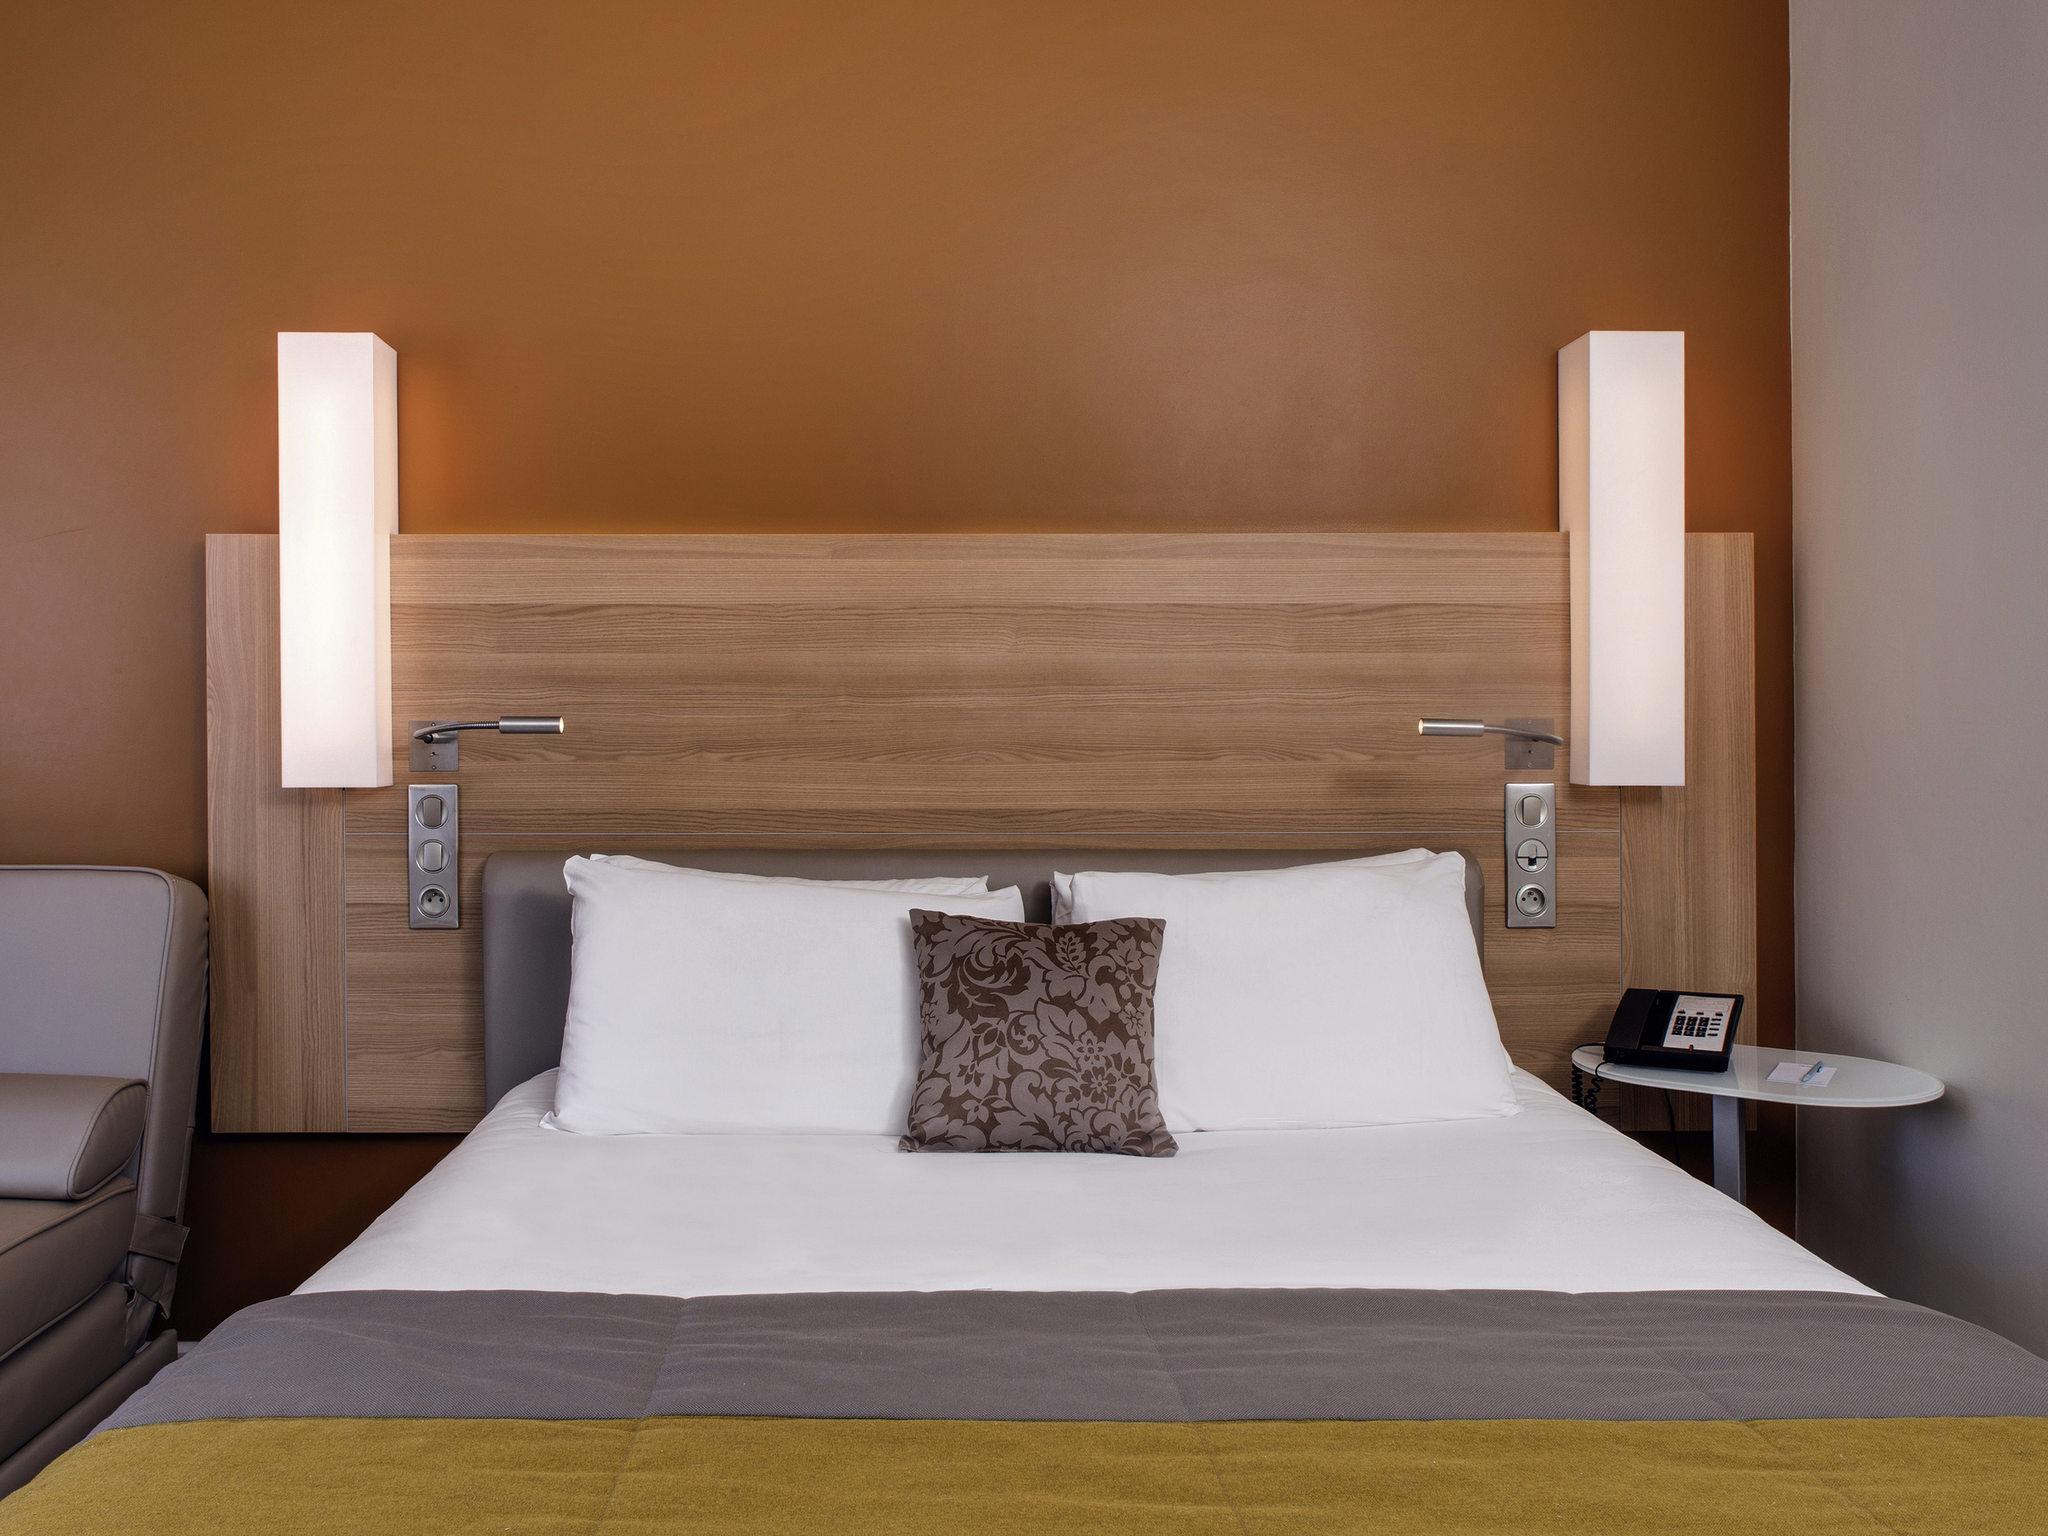 โรงแรม – Hôtel Mercure Mâcon Bord de Saône